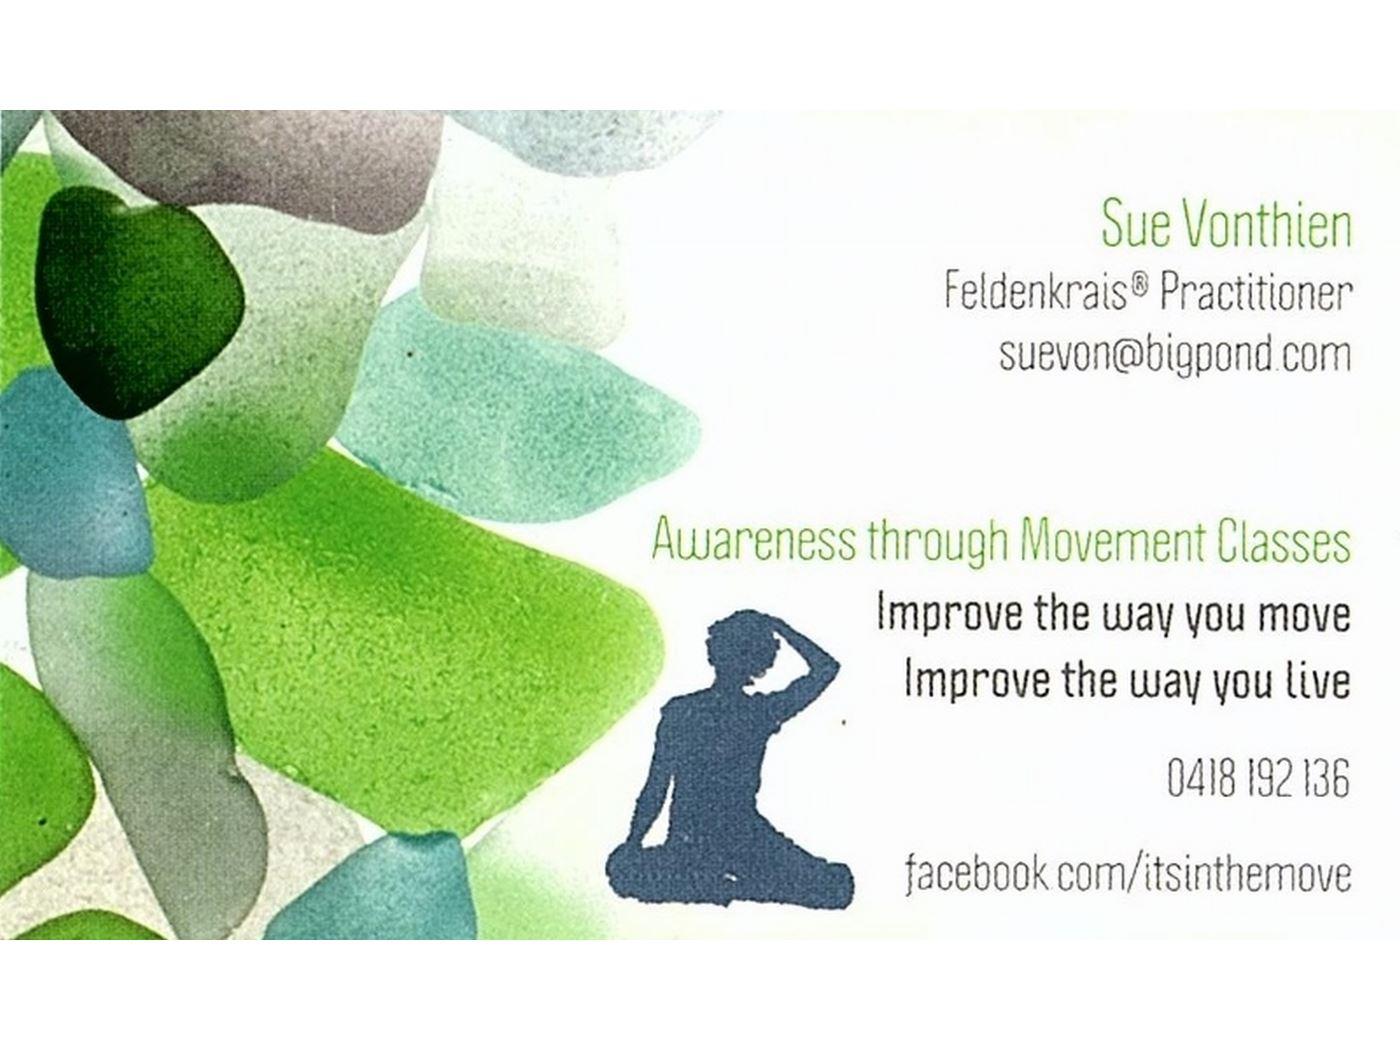 Its In the Move, Sue Vonthien